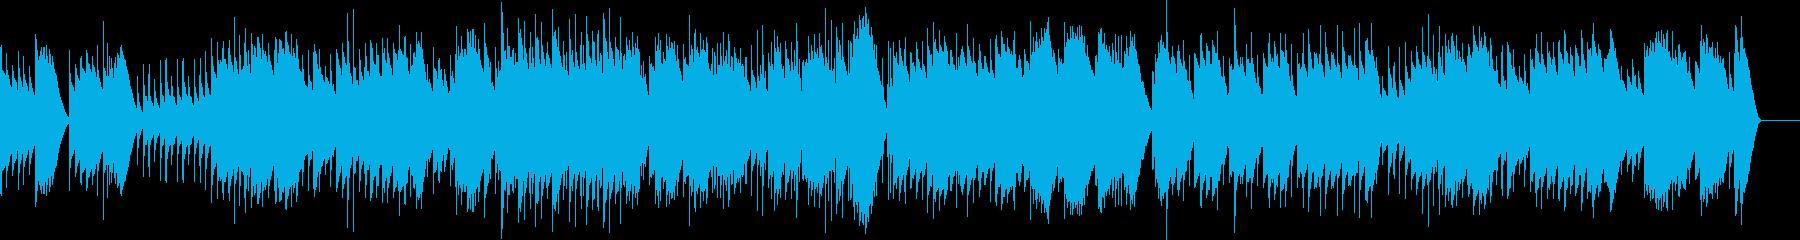 カルメン セギディーリャ(オルゴール)の再生済みの波形